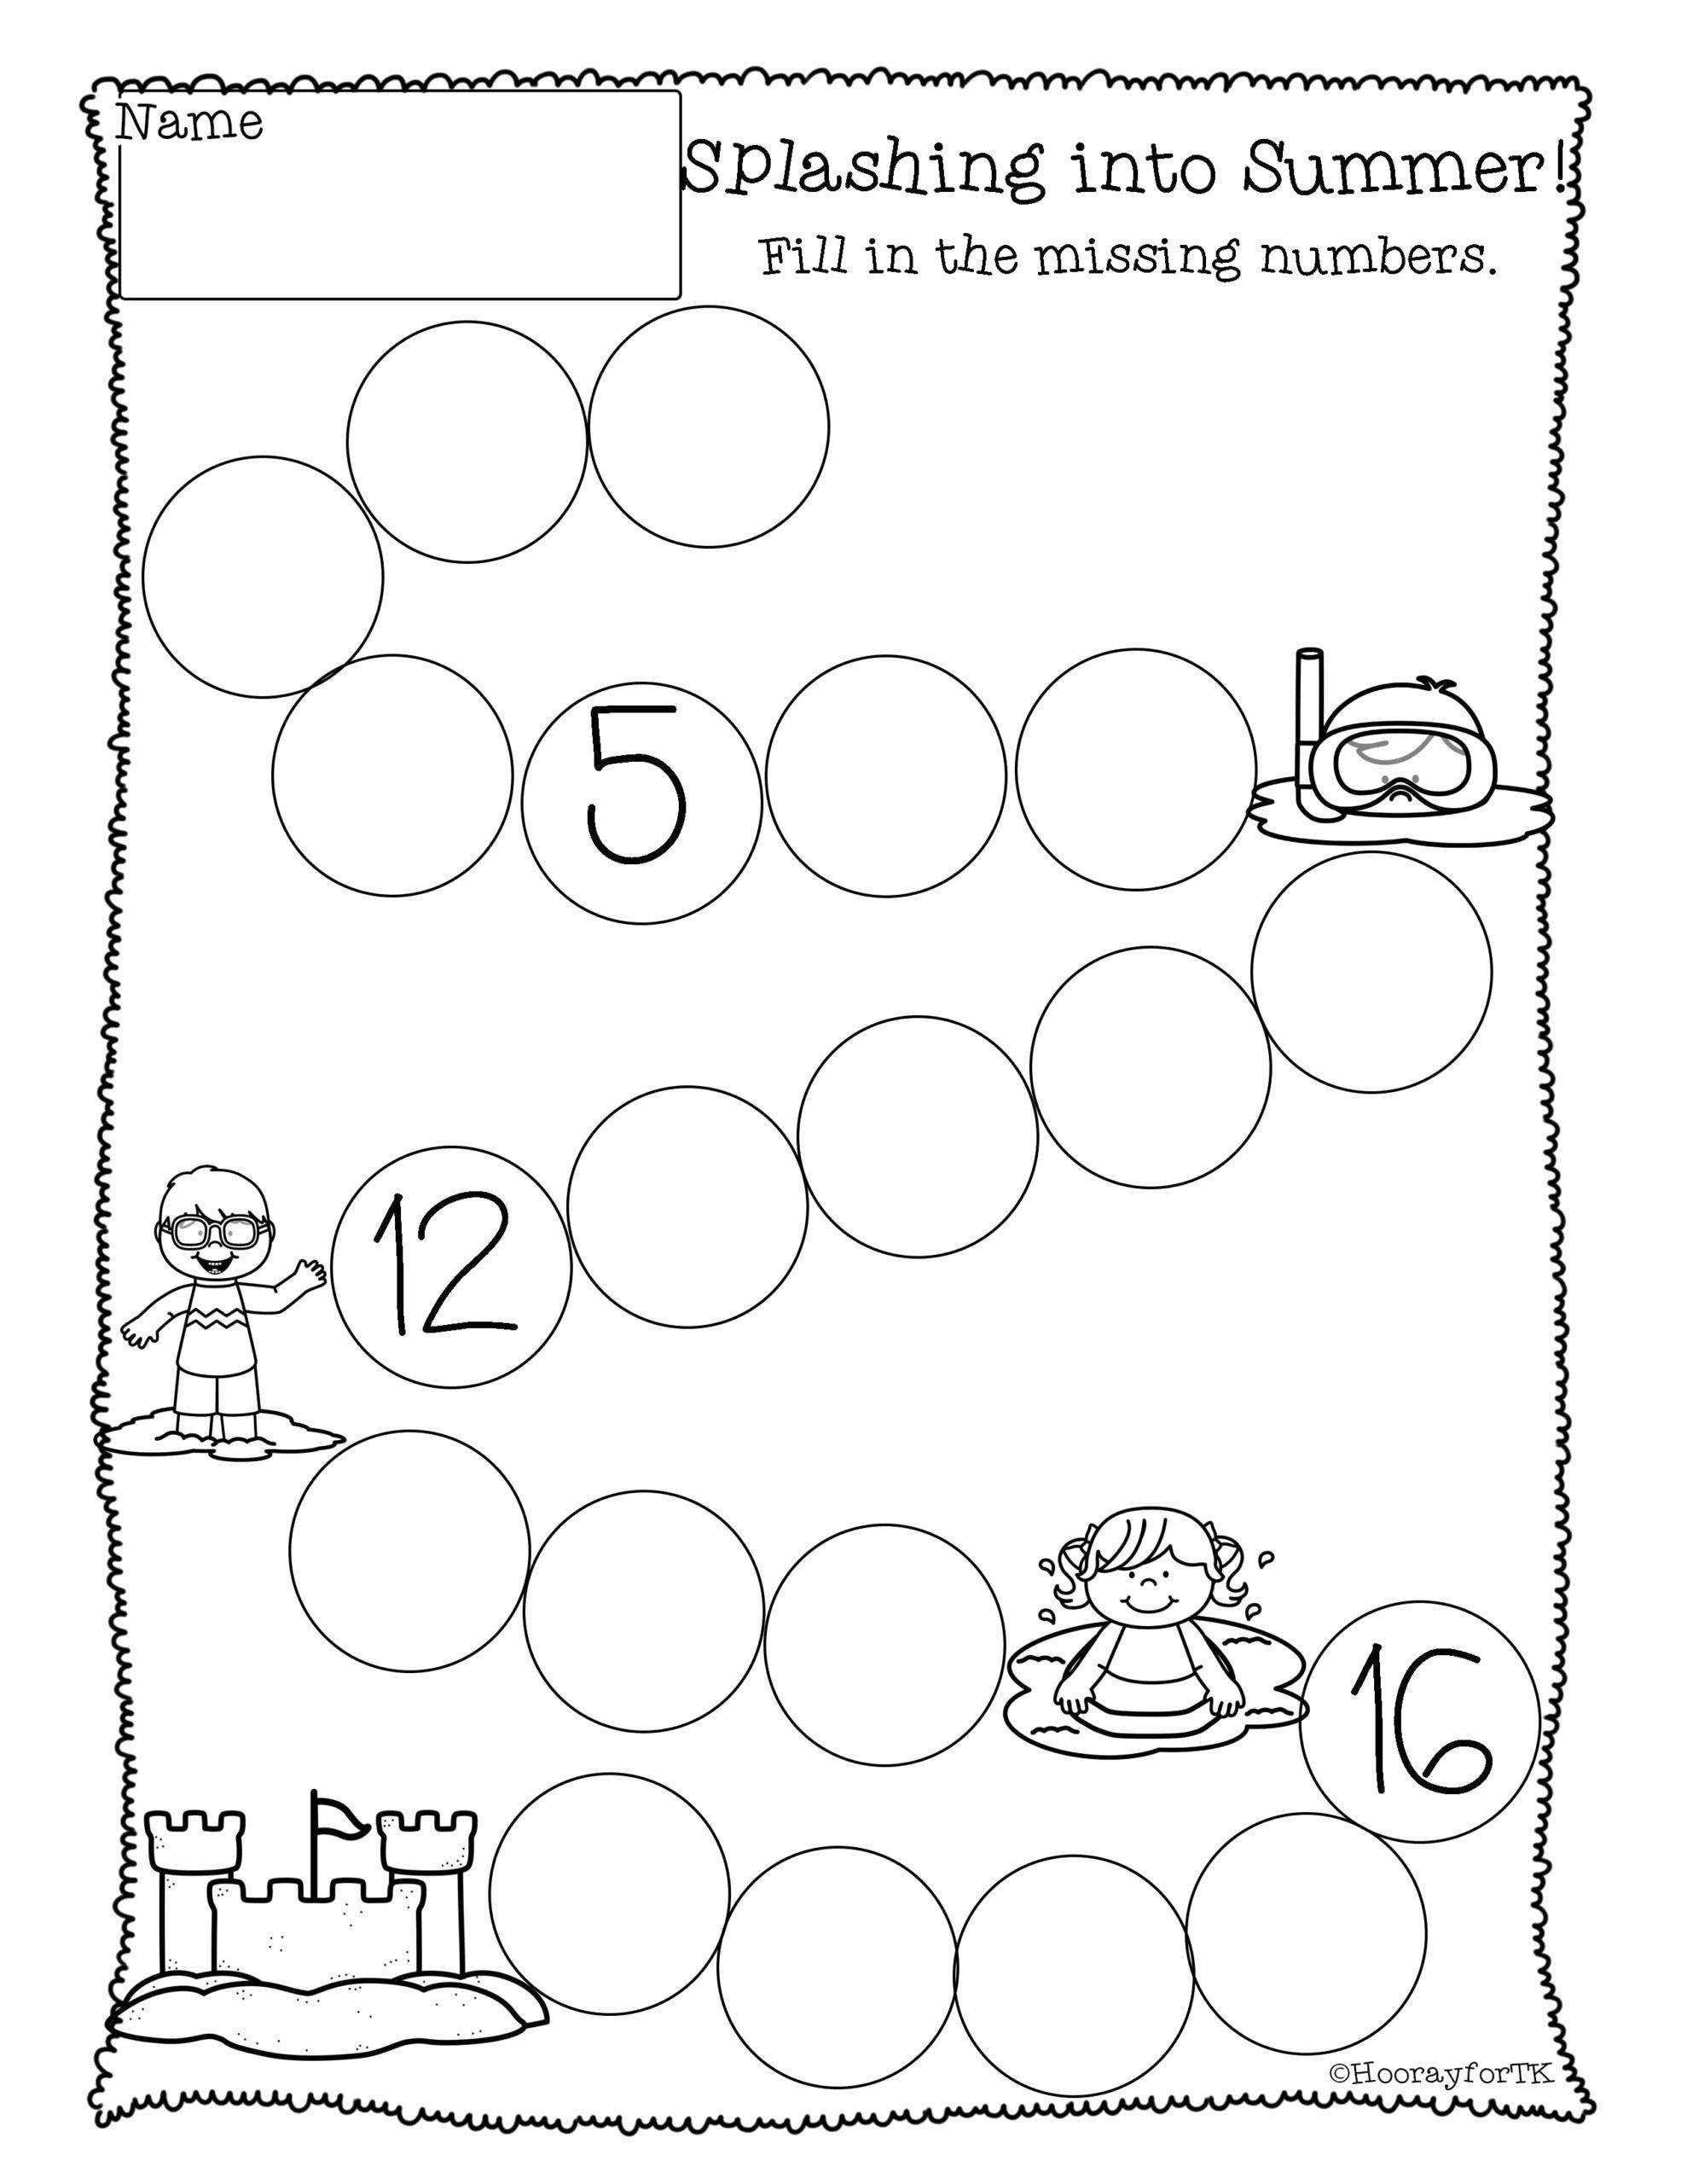 Kumon Math Worksheets for Preschoolers Beautiful Math Worksheet Printableth Activities Kindergarten